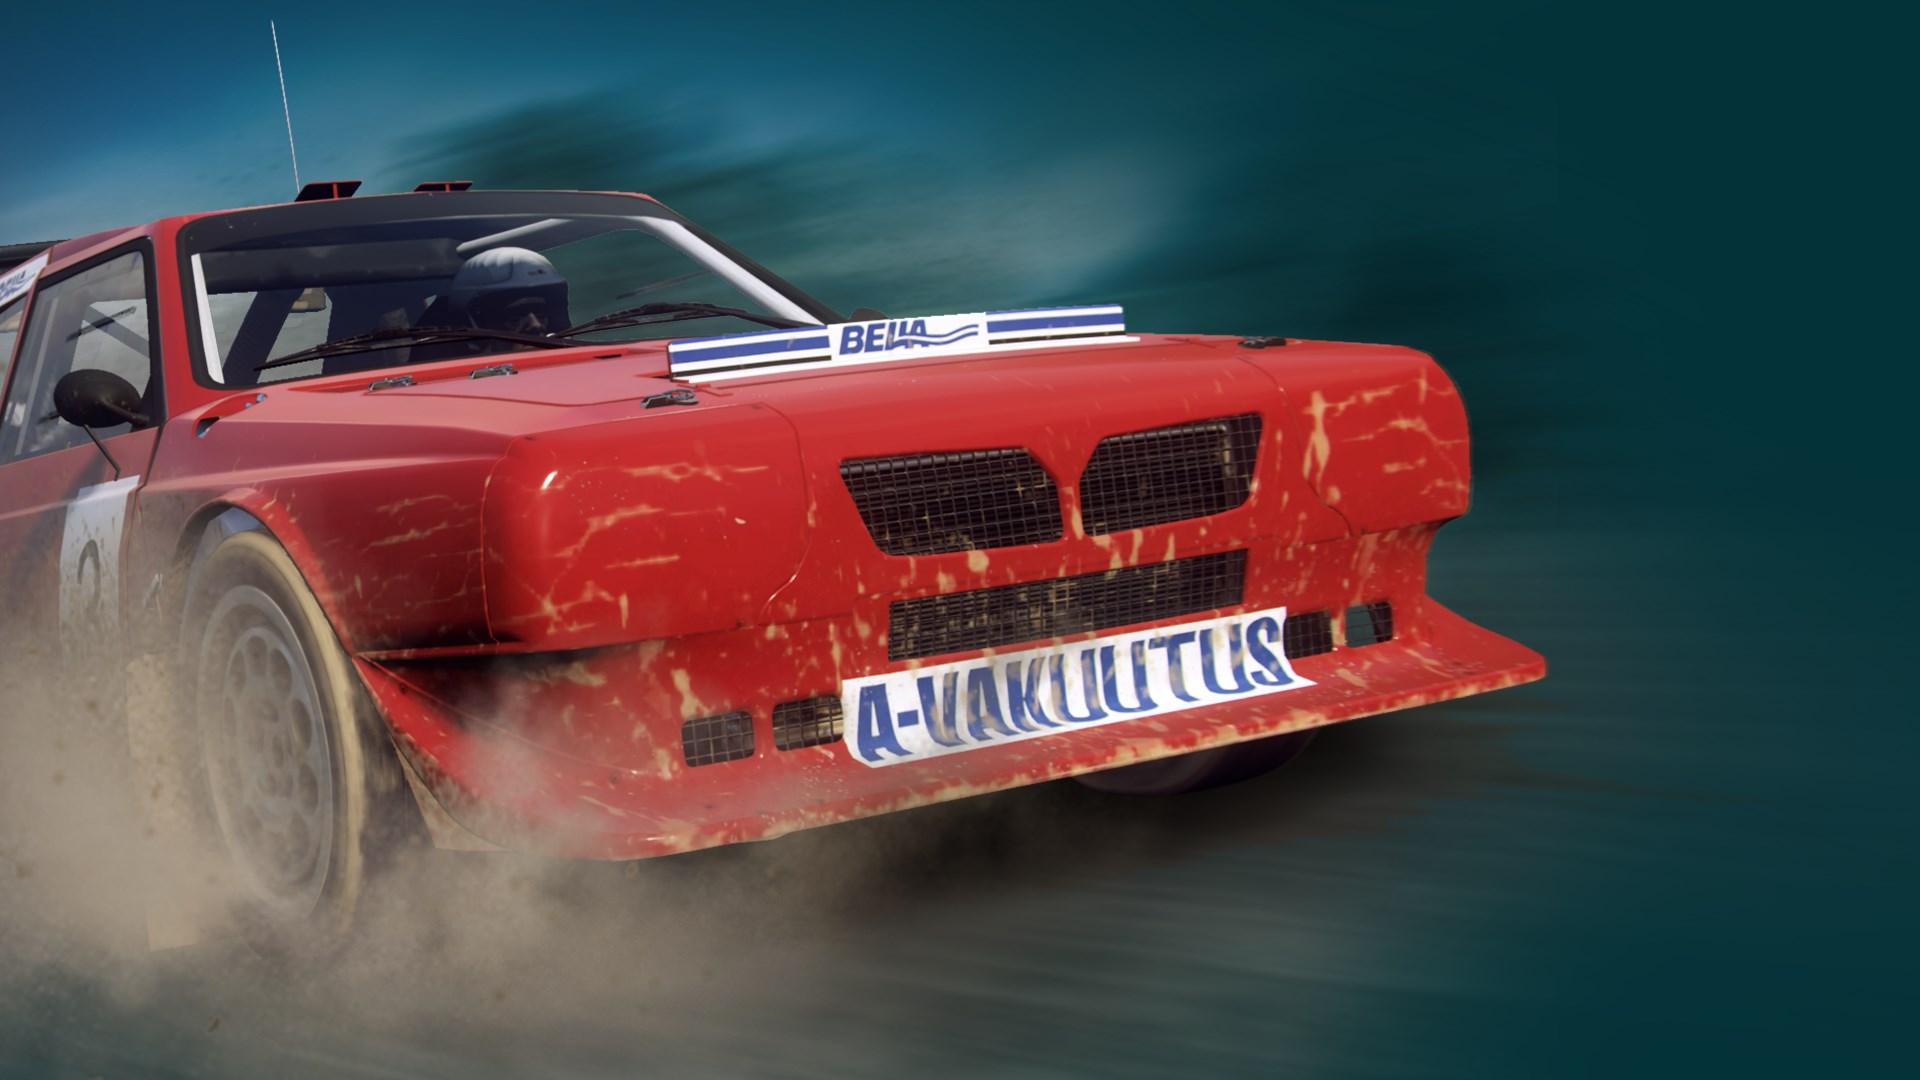 Lancia Delta S4 Rallycross